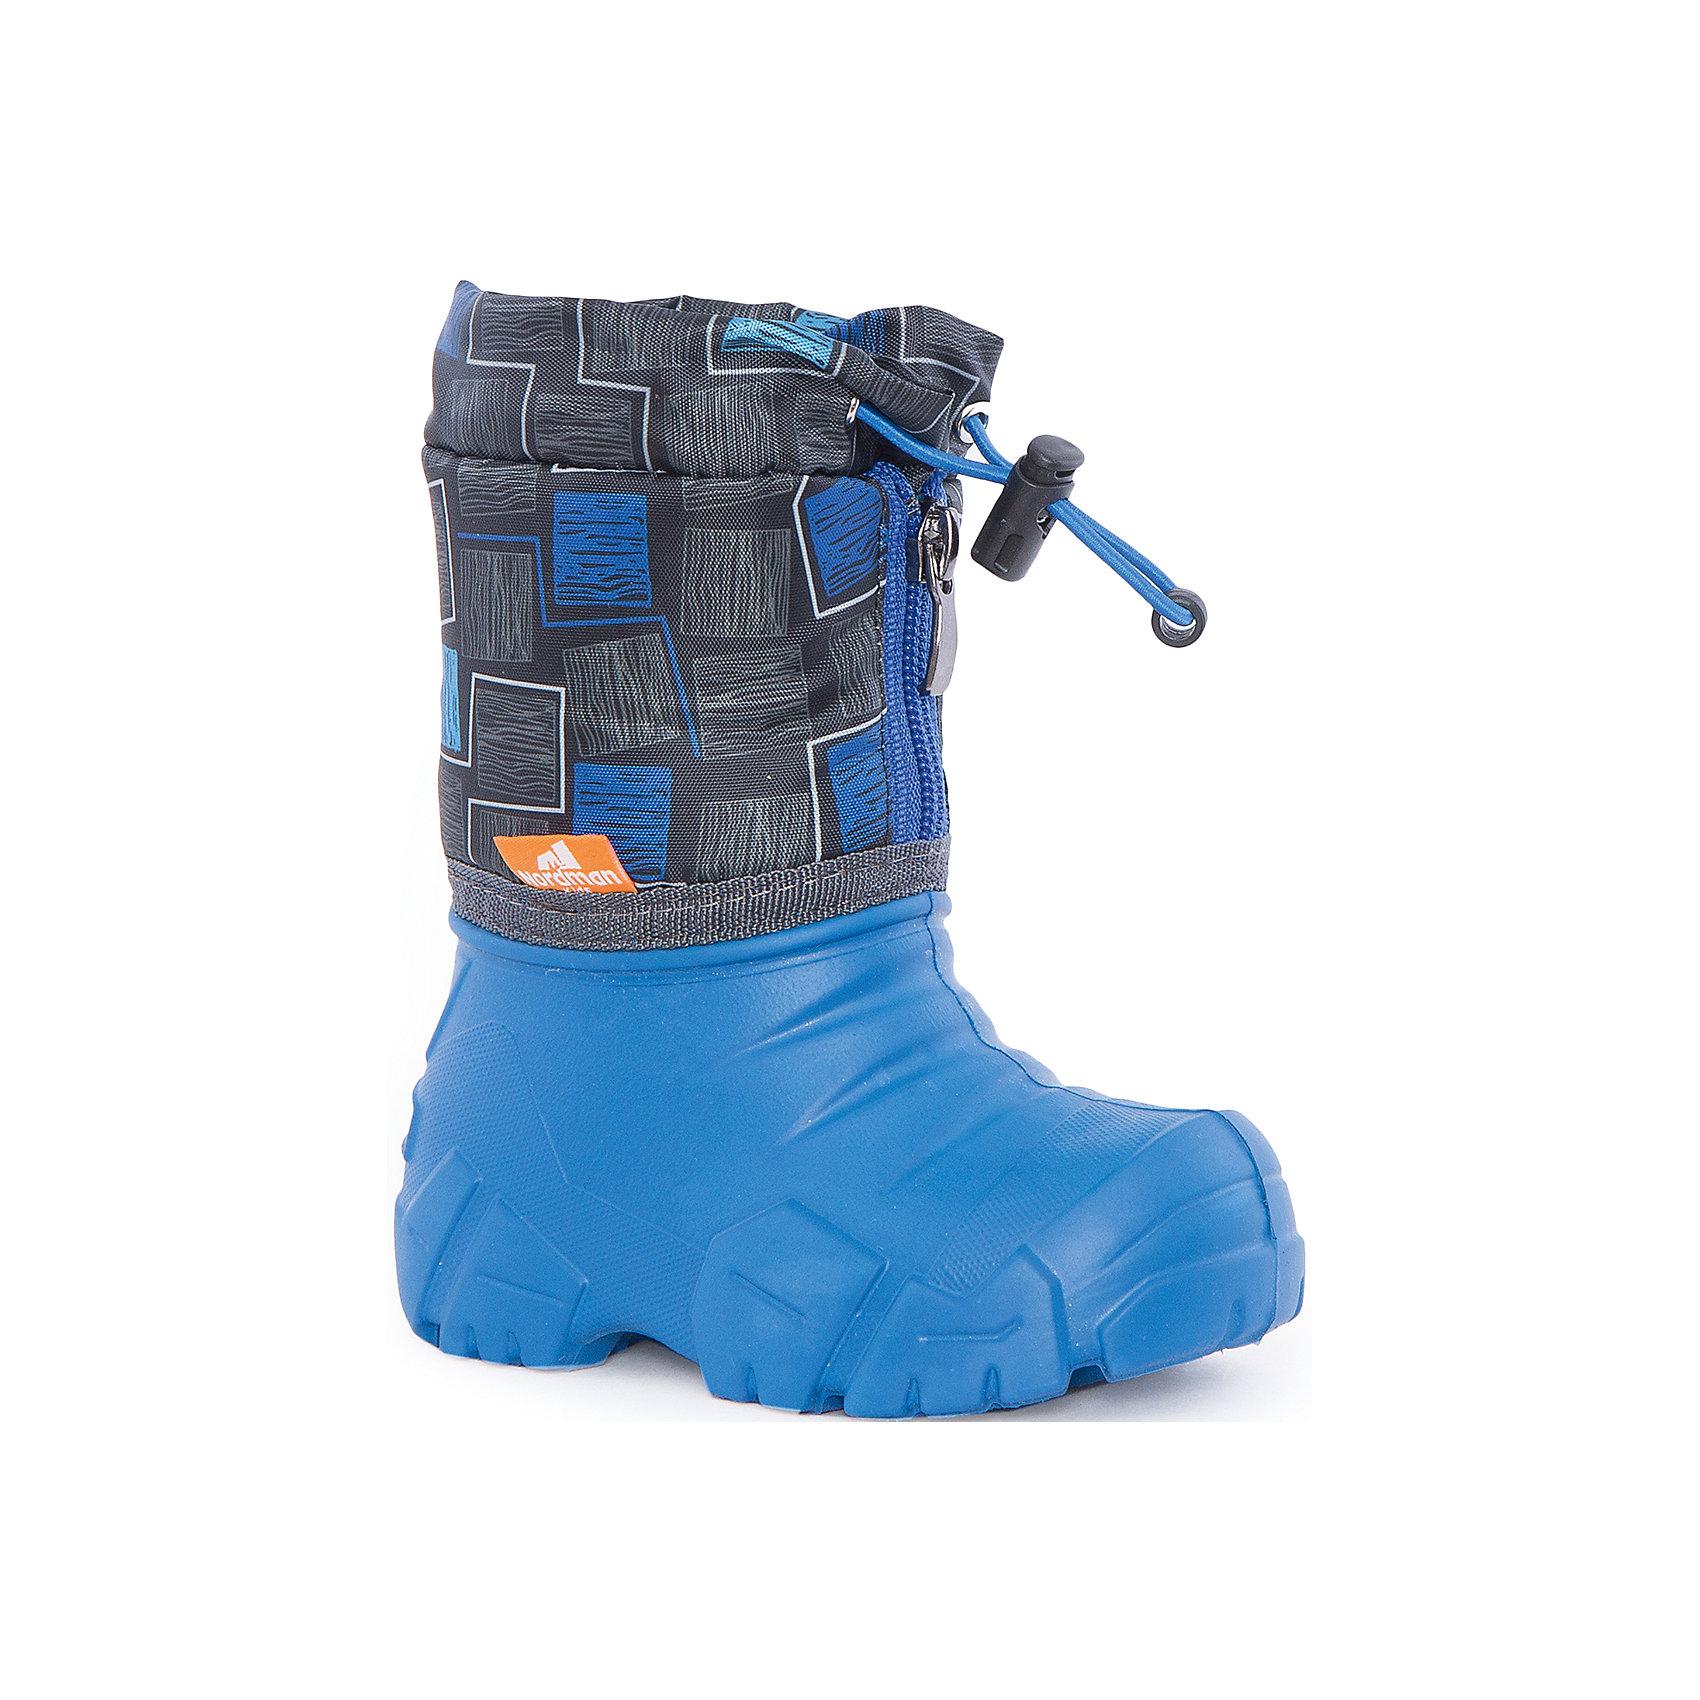 Сапоги Kids для мальчика NordmanХарактеристики товара:<br><br>• цвет: синий<br>• материал верха: текстиль<br>• материал подкладки: шерстяной мех<br>• материал подошвы: ЭВА<br>• подошва не скользит<br>• застежка: молния<br>• температурный режим: от -10° до +10° С<br>• верх с водоотталкивающей пропиткой<br>• толстая устойчивая подошва<br>• низ не промокает<br>• страна бренда: Российская Федерация<br>• страна изготовитель: Российская Федерация<br><br>При выборе демисезонной и зимней обуви для ребенка необходимо убедиться, что она удобная и теплая. Такие сапожки обеспечат детям комфорт даже в мороз, а непромокающая нижняя часть  оставит ножки в сухости. Сапожки легко снимаются и надеваются, хорошо сидят на ноге. Внутри - специальная теплая подкладка, с которой холода не страшны!<br>Обувь от бренда Nordman - это качественные российские товары, произведенные с применением как натуральных, так и высокотехнологичных материалов. Обувь выделяется стильным дизайном и проработанными деталями. Полностью адаптирована под российскую погоду! Изделие производится из качественных и проверенных материалов, которые безопасны для детей.<br><br>Сапоги для мальчика от бренда Nordman можно купить в нашем интернет-магазине.<br><br>Ширина мм: 257<br>Глубина мм: 180<br>Высота мм: 130<br>Вес г: 420<br>Цвет: синий<br>Возраст от месяцев: 18<br>Возраст до месяцев: 21<br>Пол: Мужской<br>Возраст: Детский<br>Размер: 24/25,22/23,34/35,32/33,30/31,28/29,26/27<br>SKU: 5219843